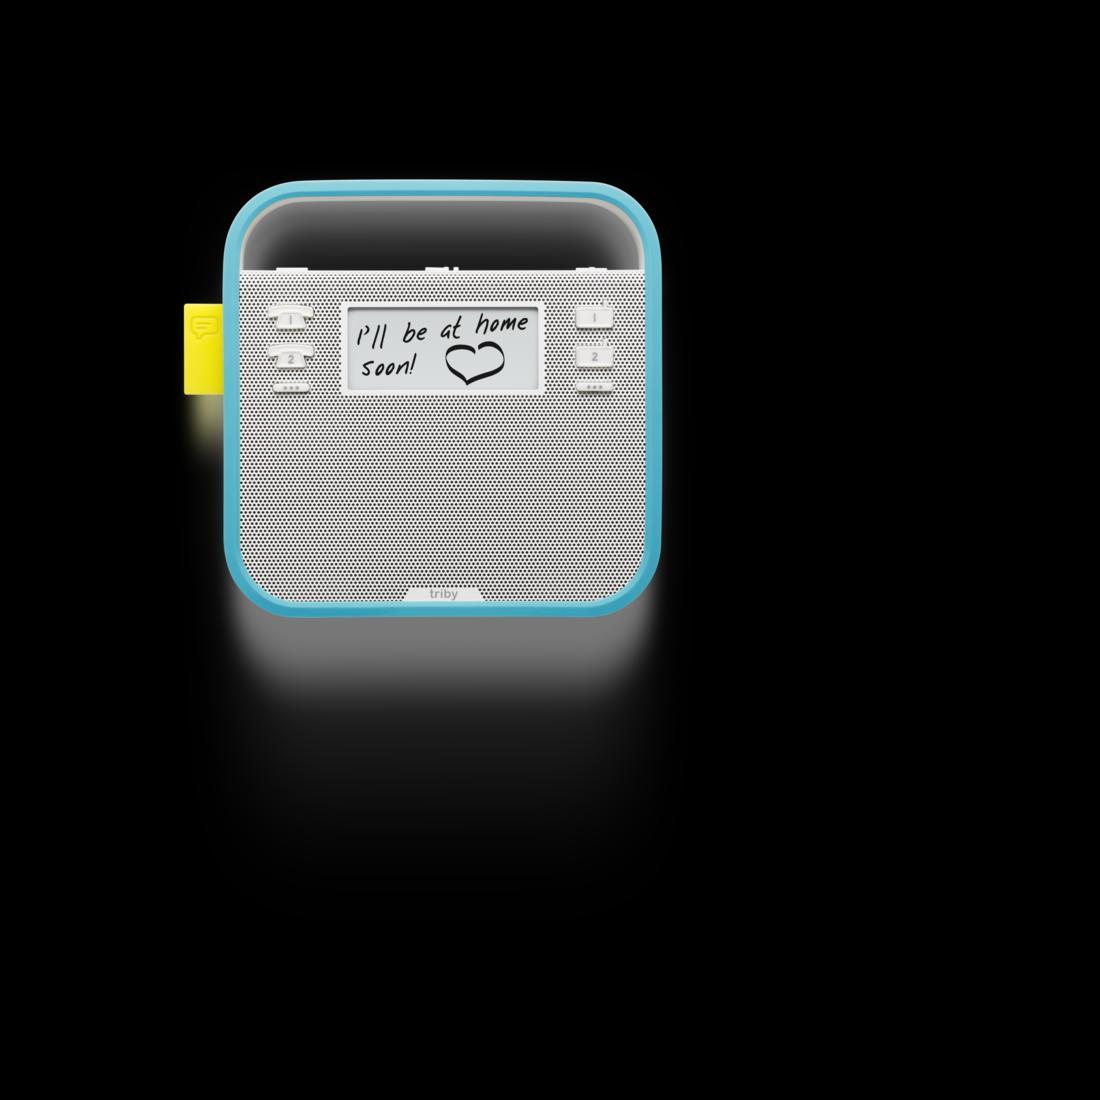 Das smarte Küchen-Gadget Trip für iOS-Geräte | Mac Life